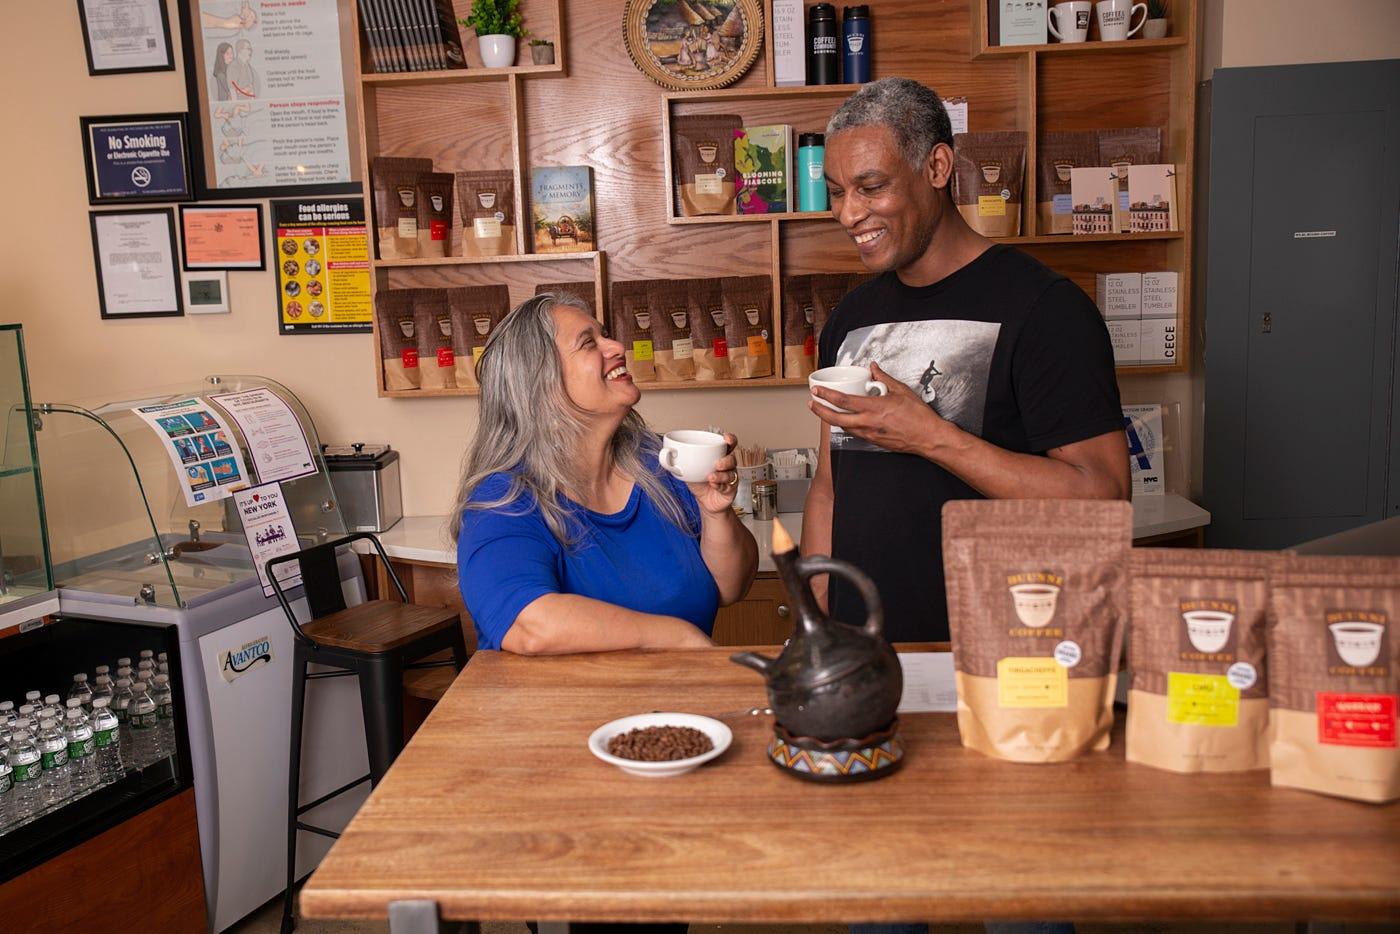 Buunni Coffee Photo by Maribel Acosta.